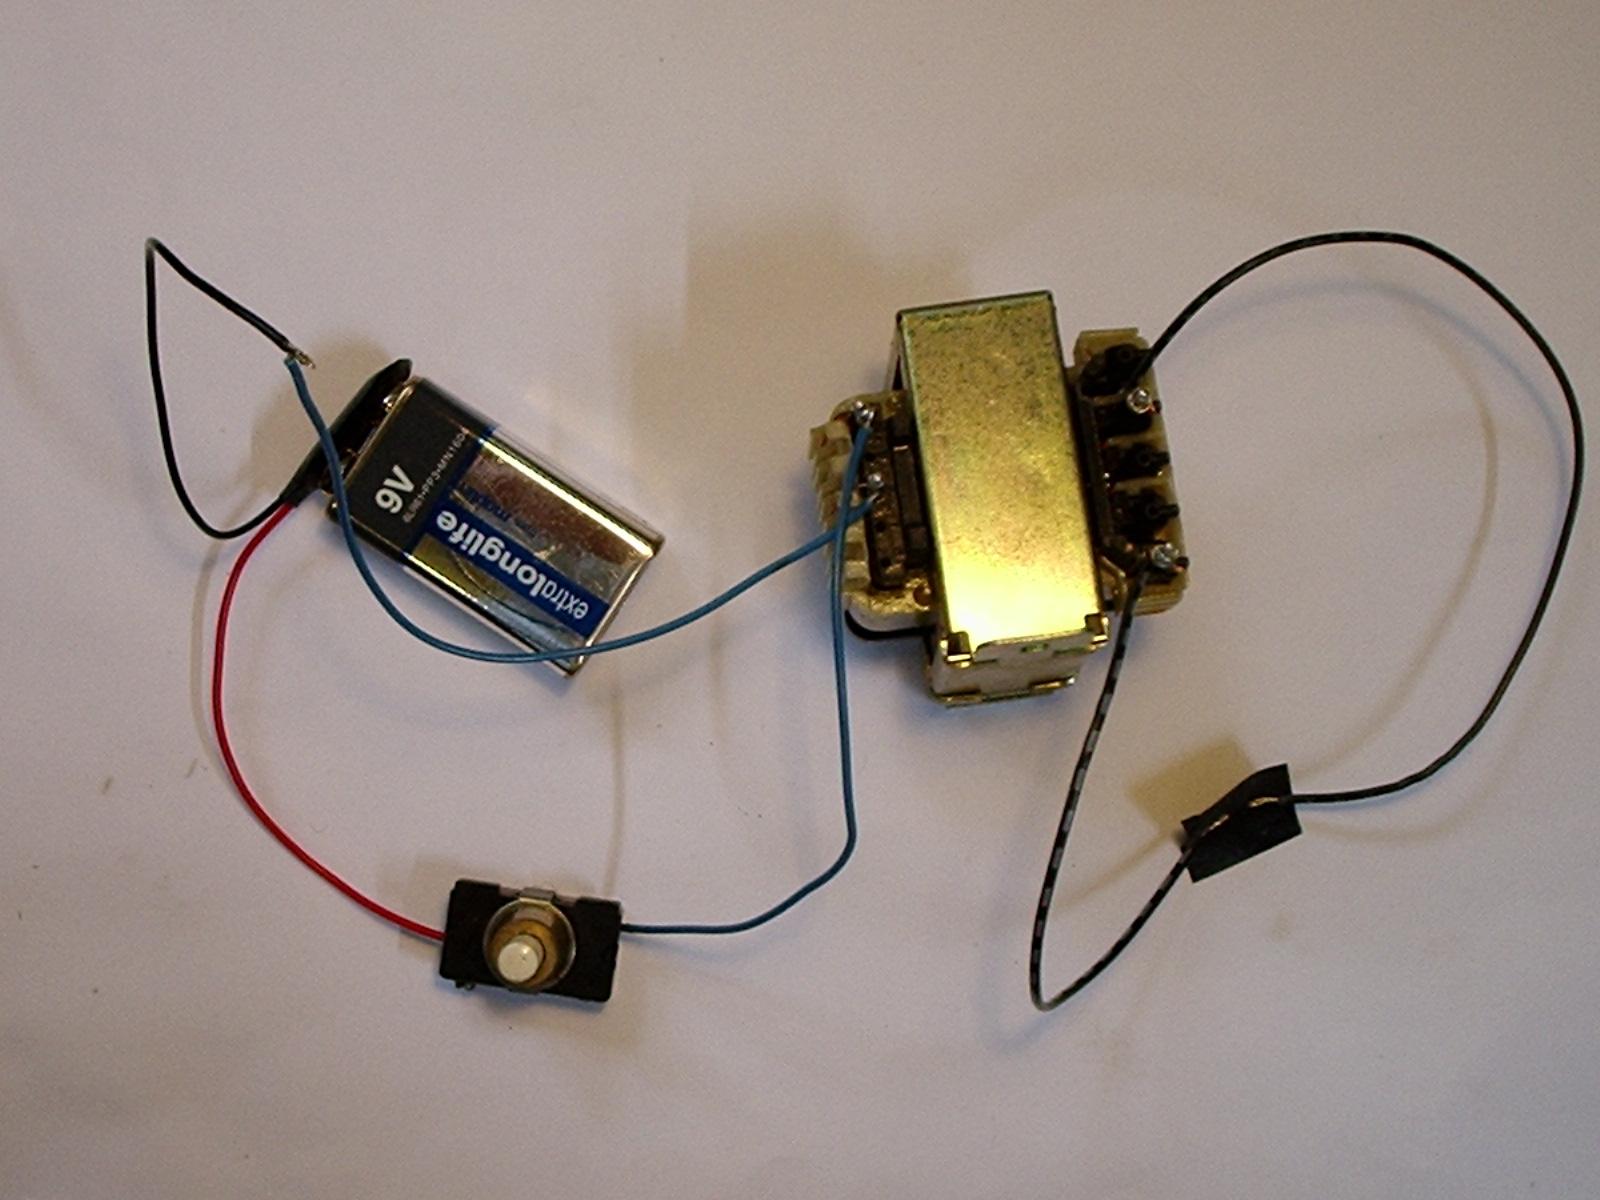 Wiring Diagram Moreover 220 Volt Outlet Wiring Diagram On 110 Volt